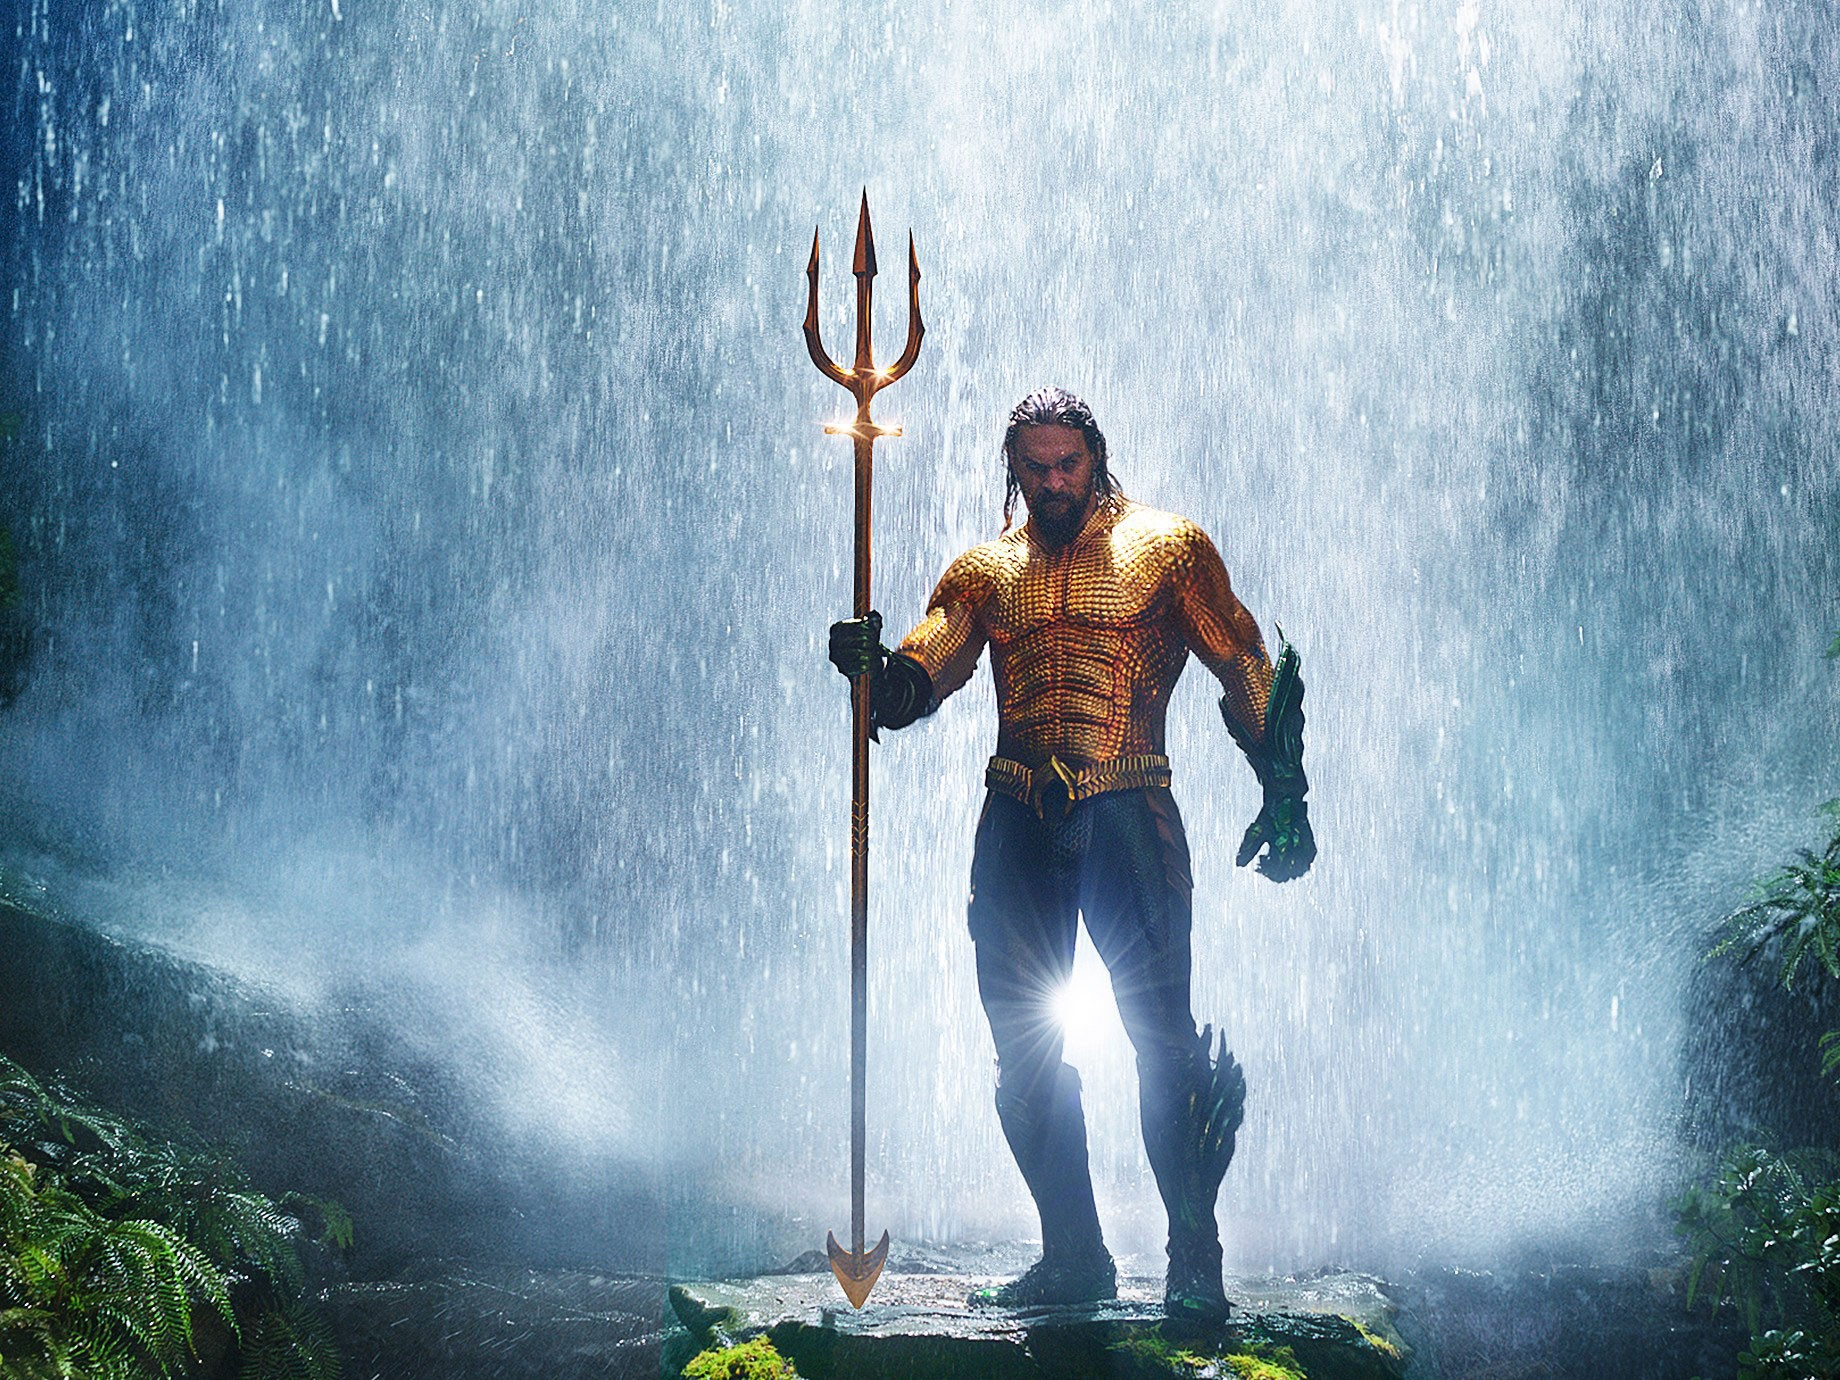 """Ấn tượng """"Aquaman: Đế vương Atlantis"""" - Báo Người lao động"""